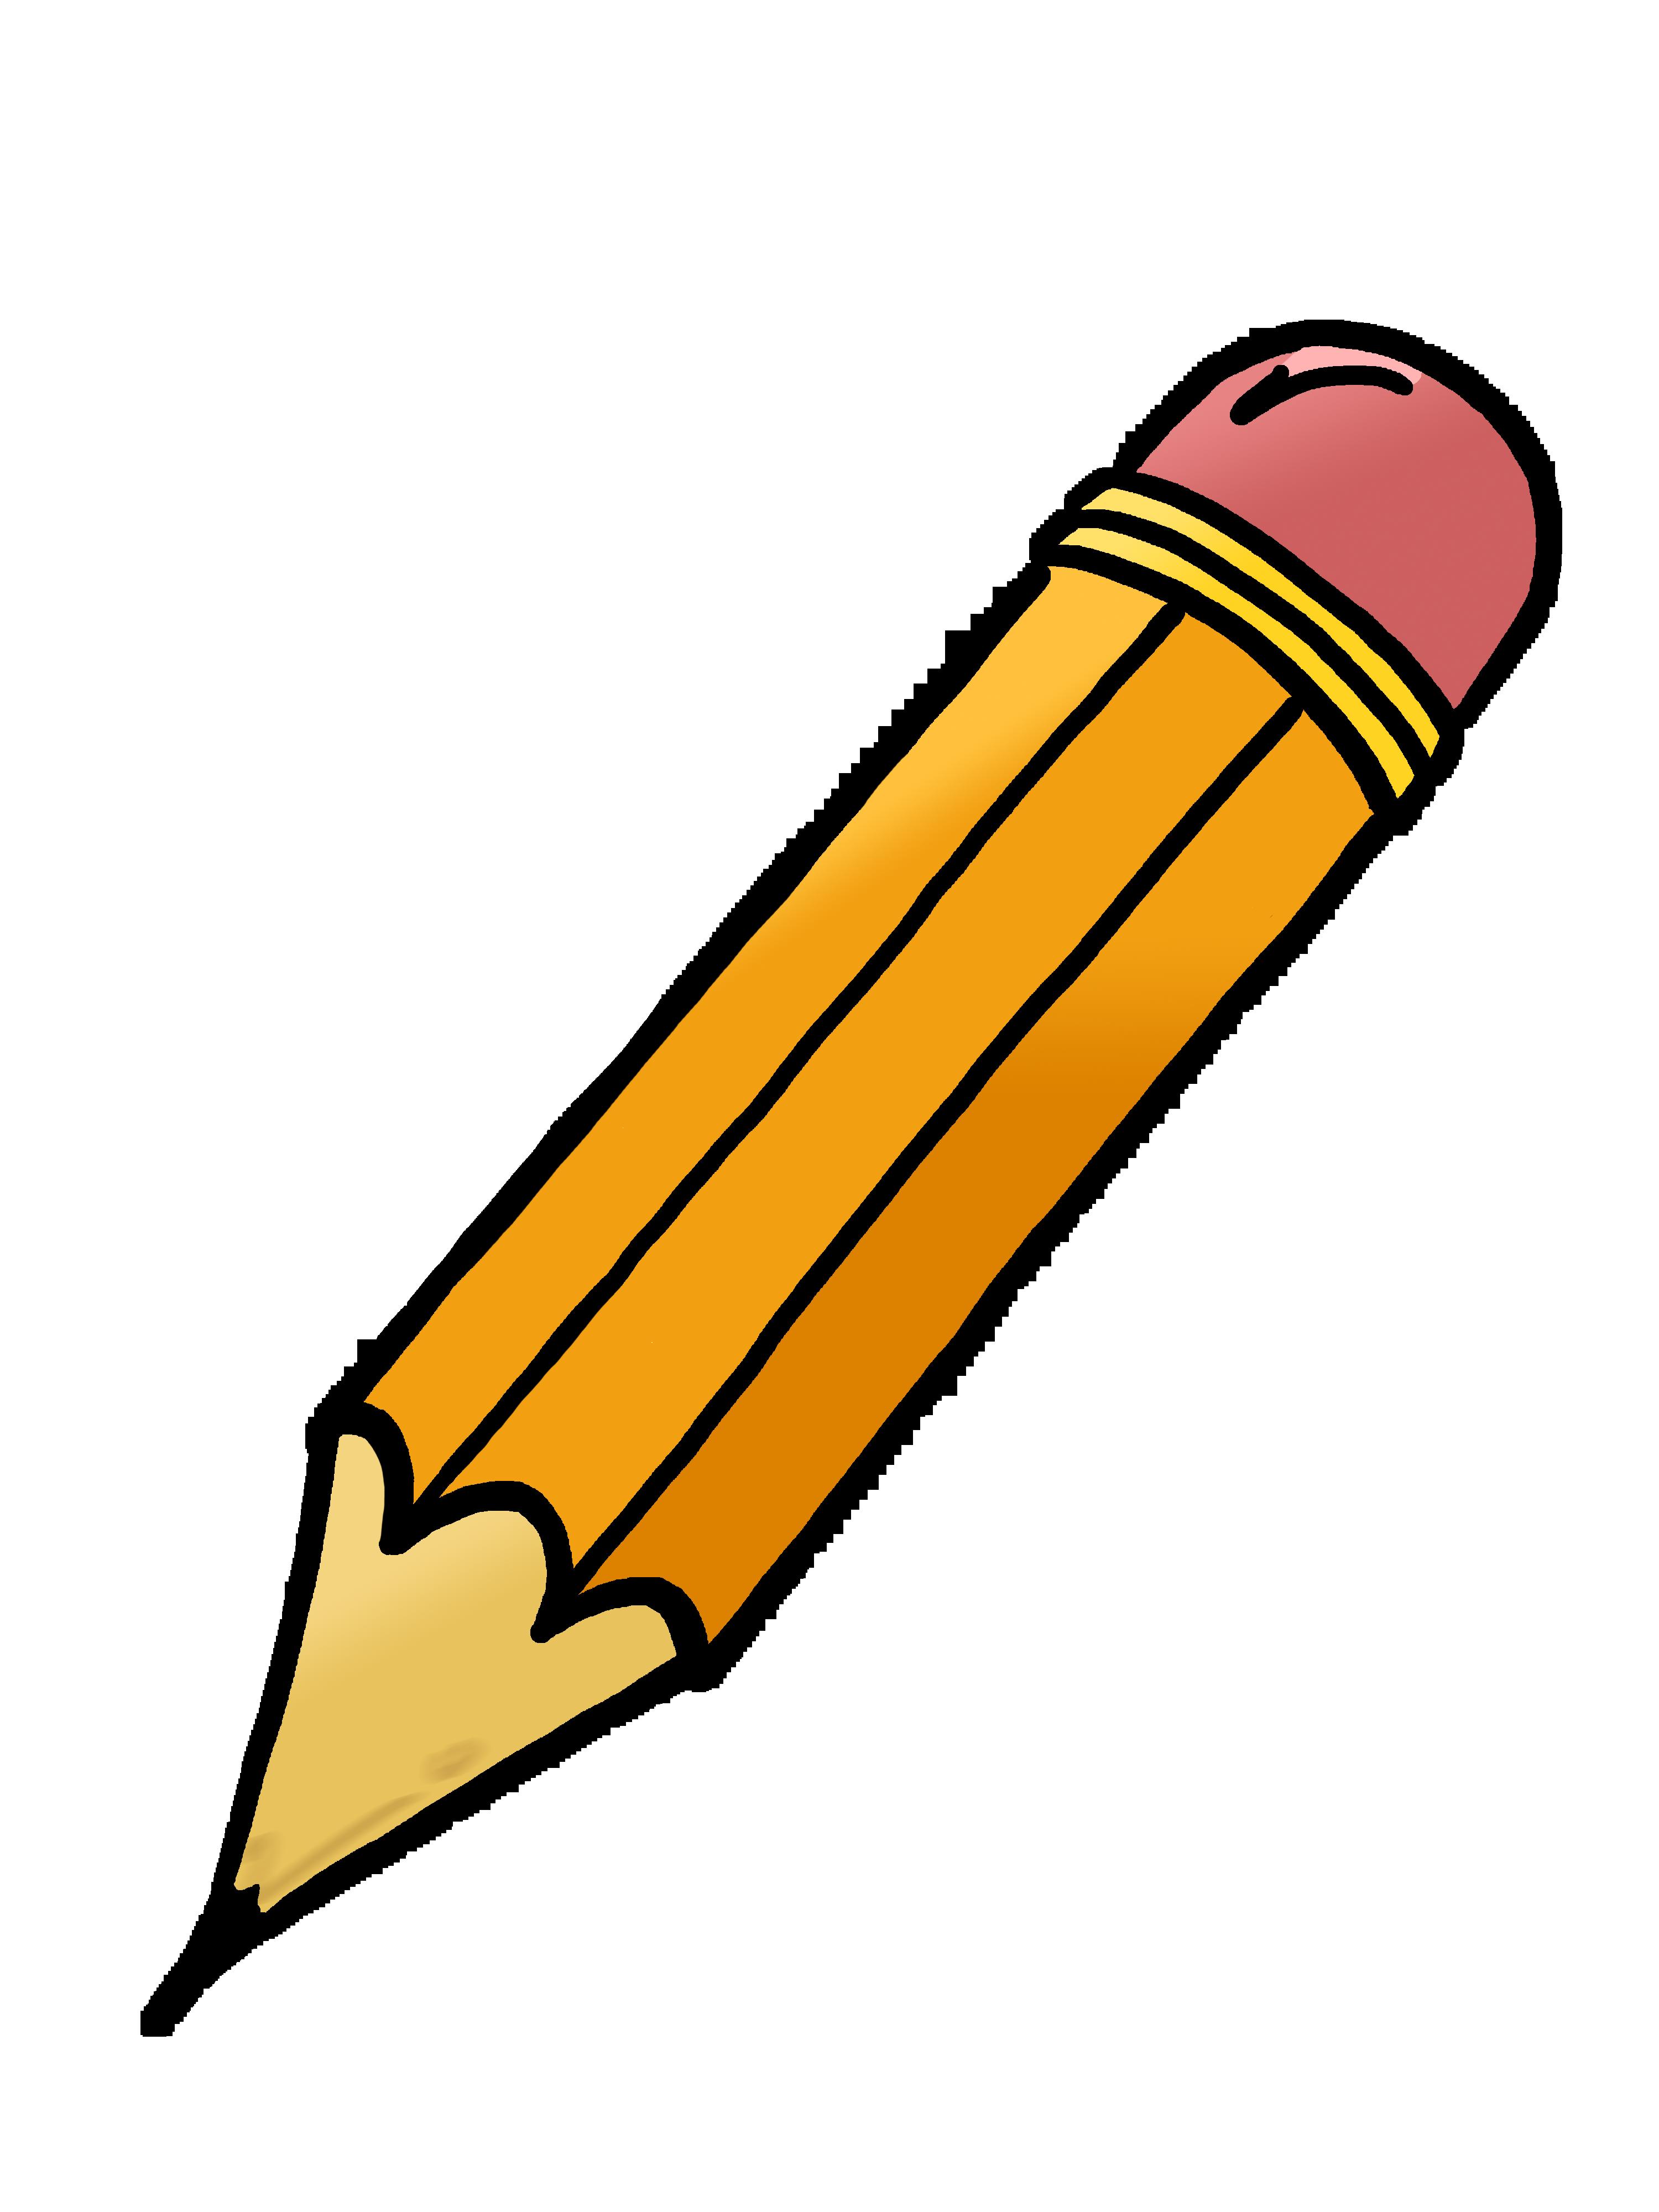 Pencil Clipart-pencil clipart-15